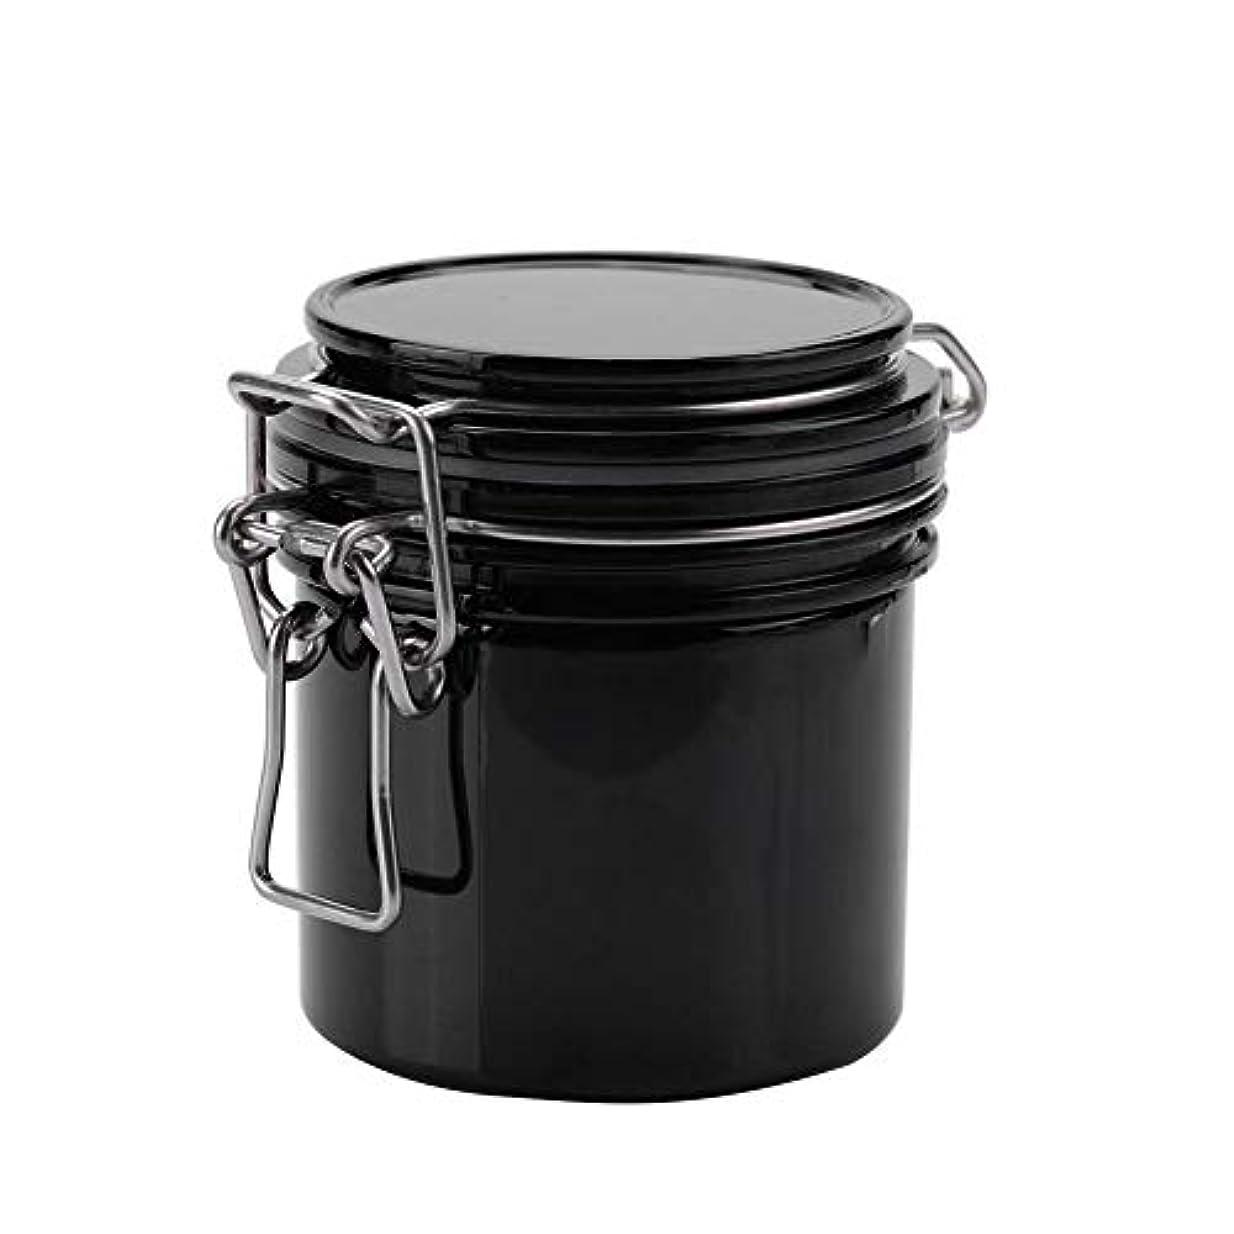 欠かせない休憩する雪のまつげのり収納瓶 再利用可能で密封 収納瓶 乾燥を防ぐために、つけまつげエクステンションや化粧に最適